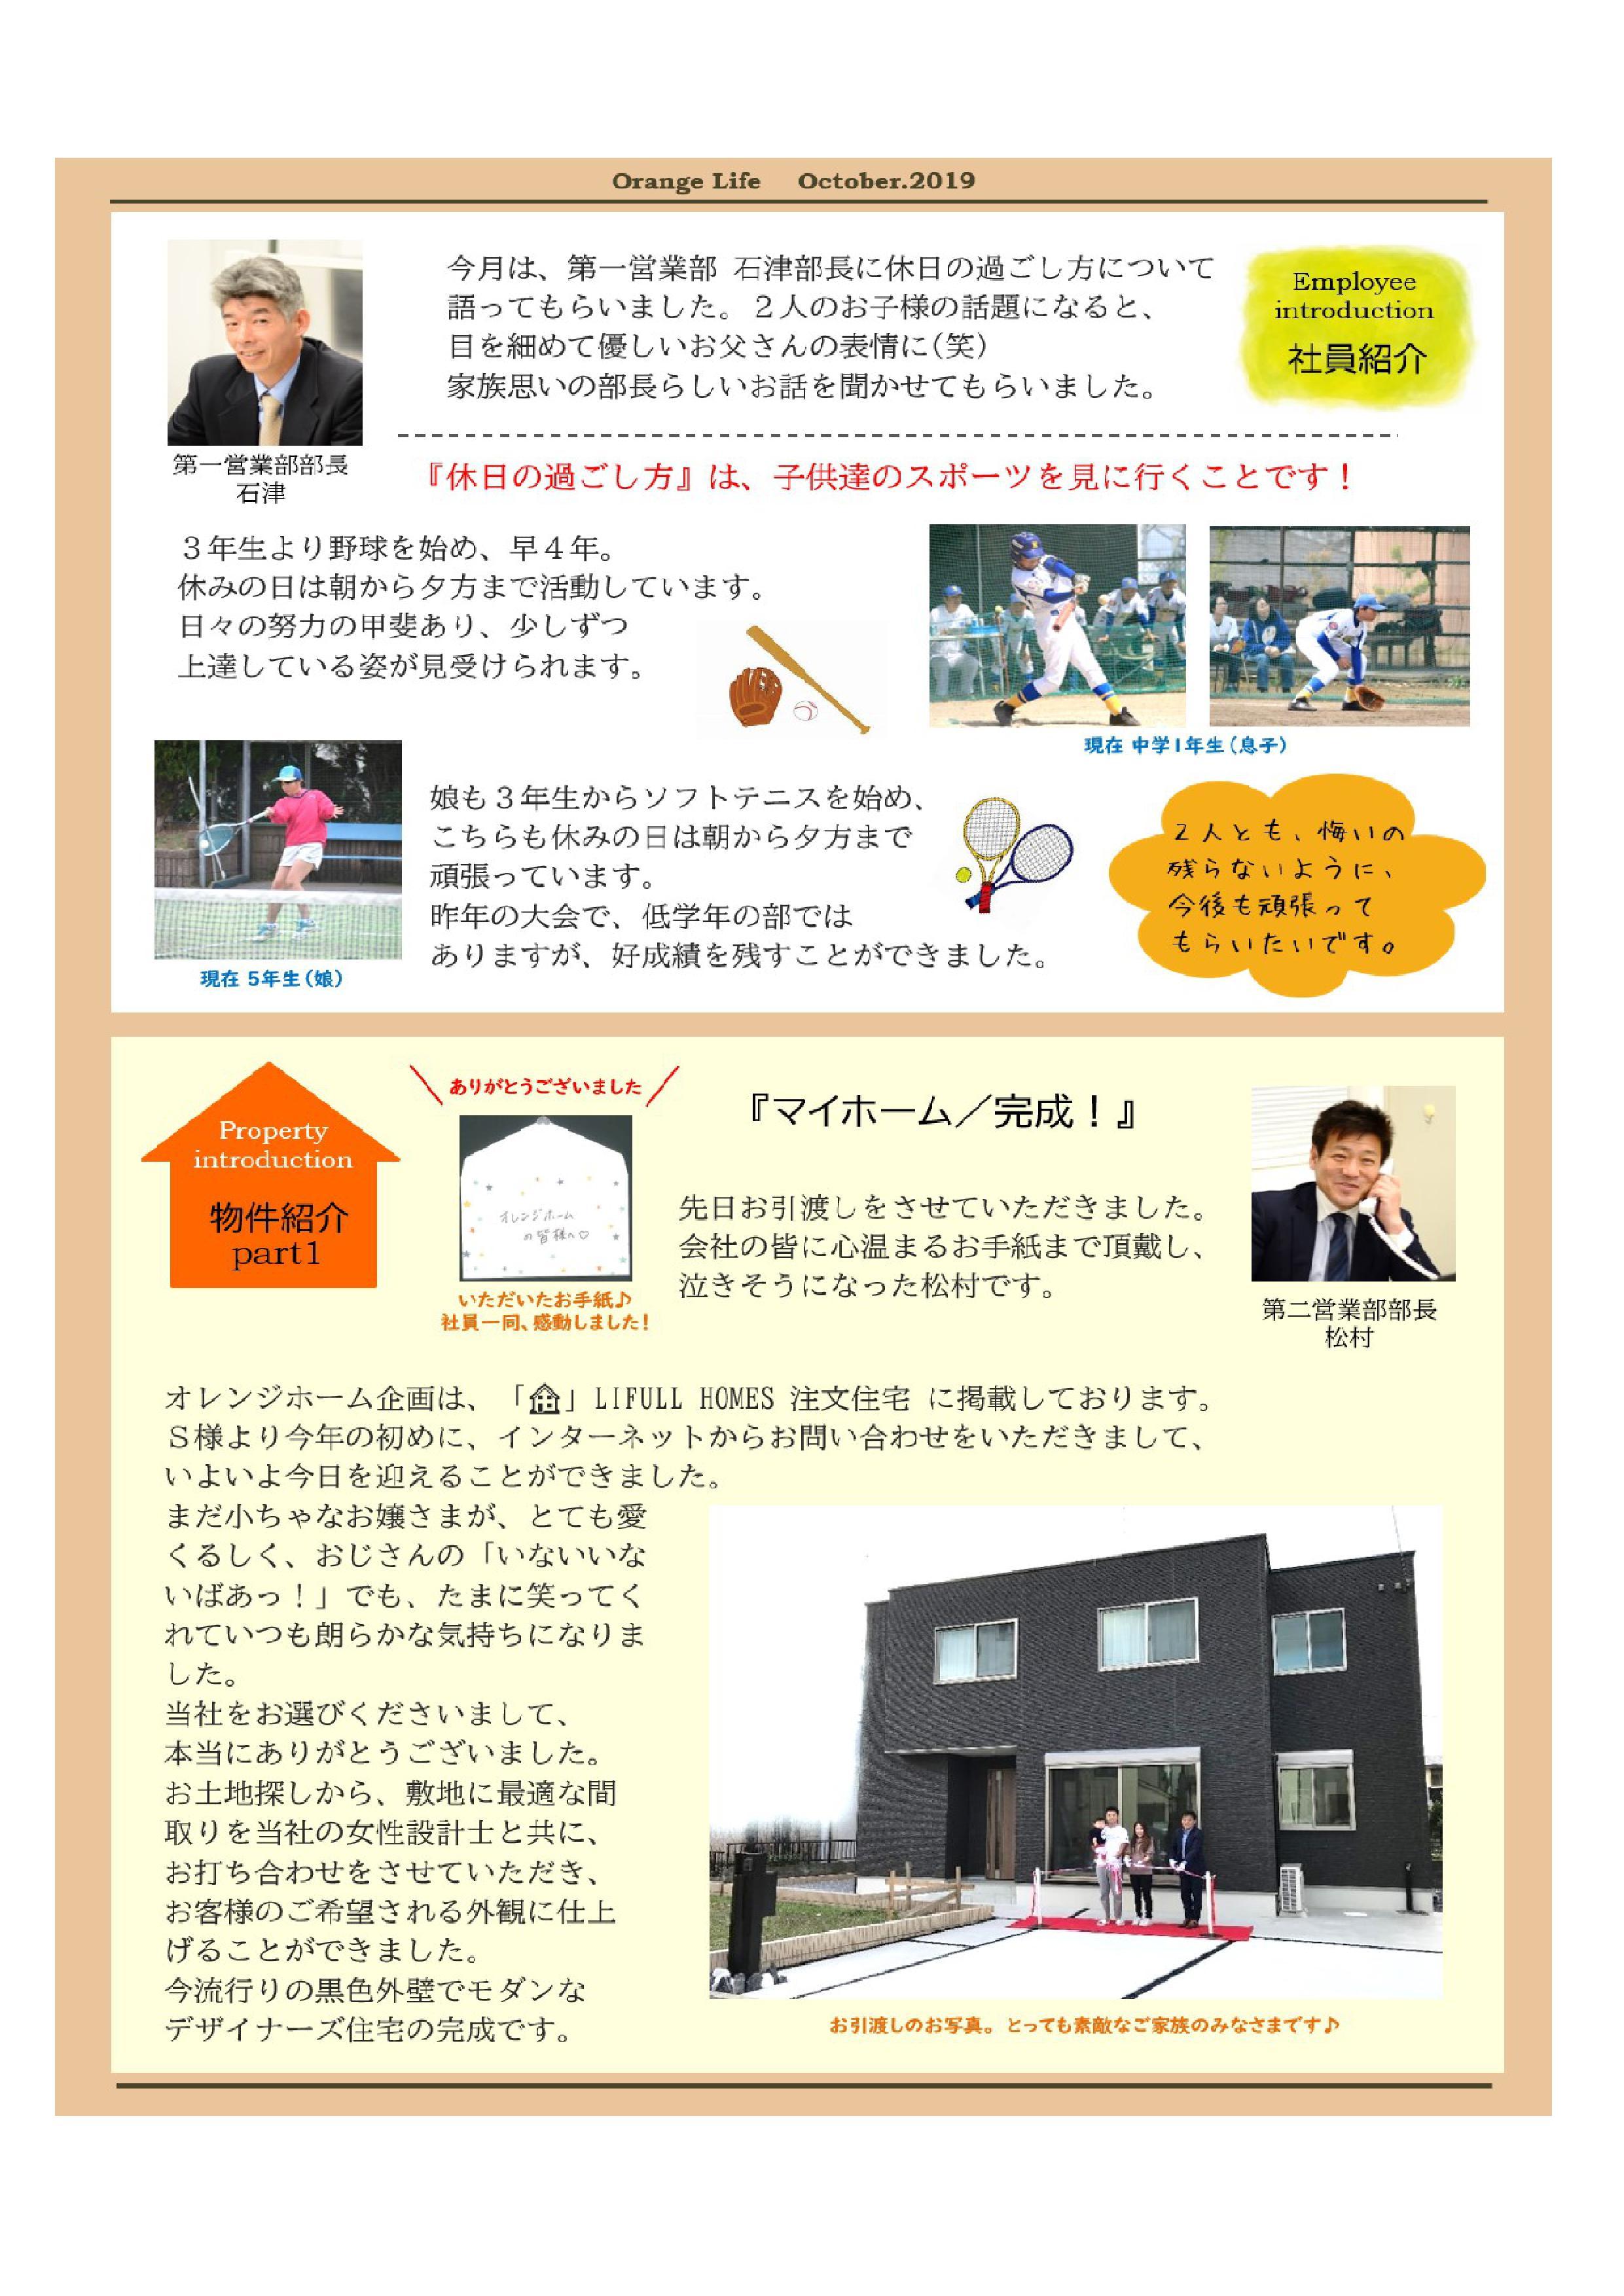 オレンジLIFE2ページ